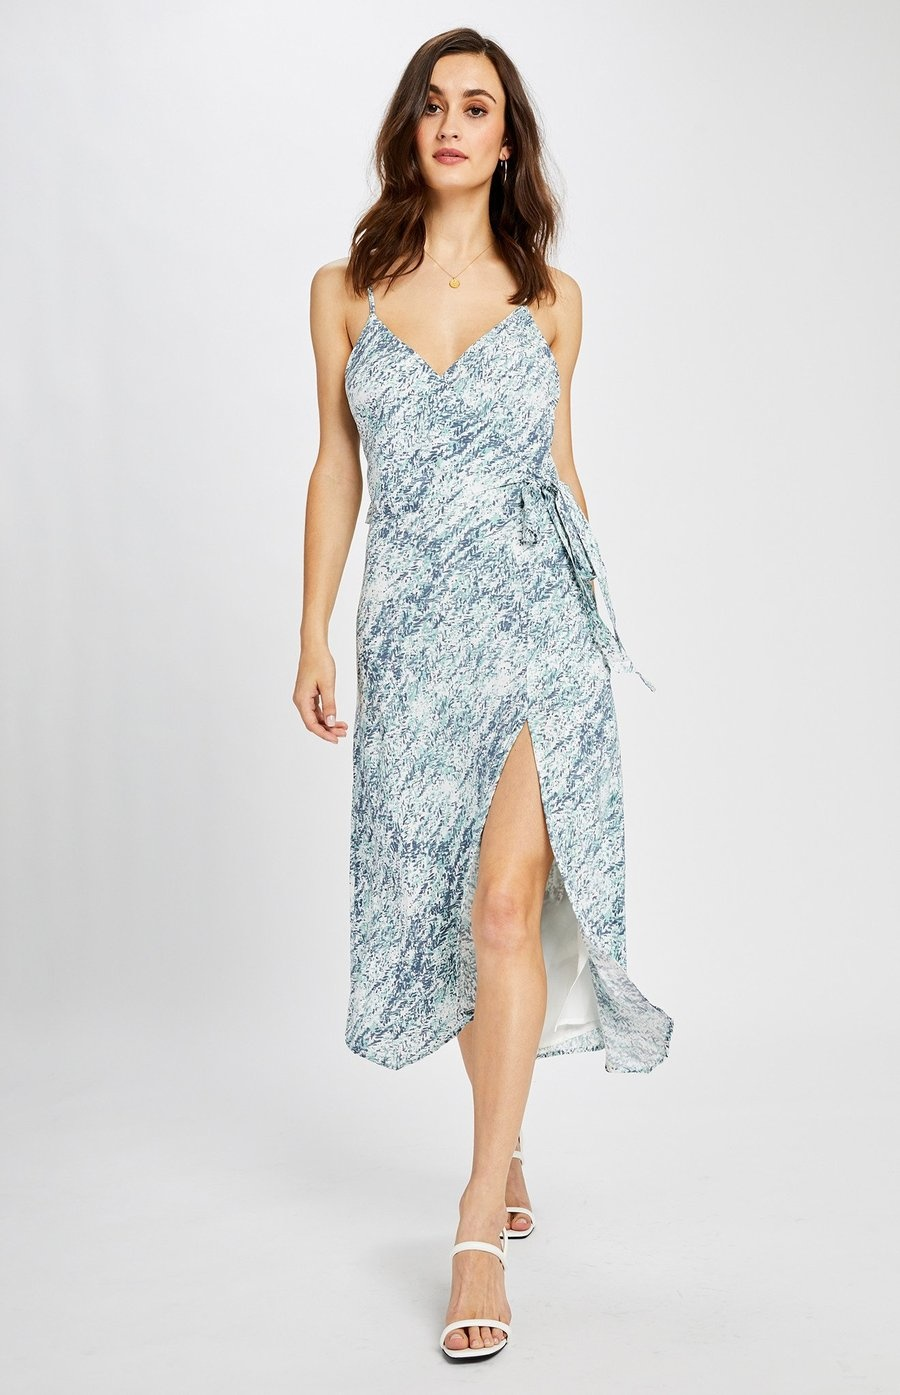 Gentlefawn Cancun Dress